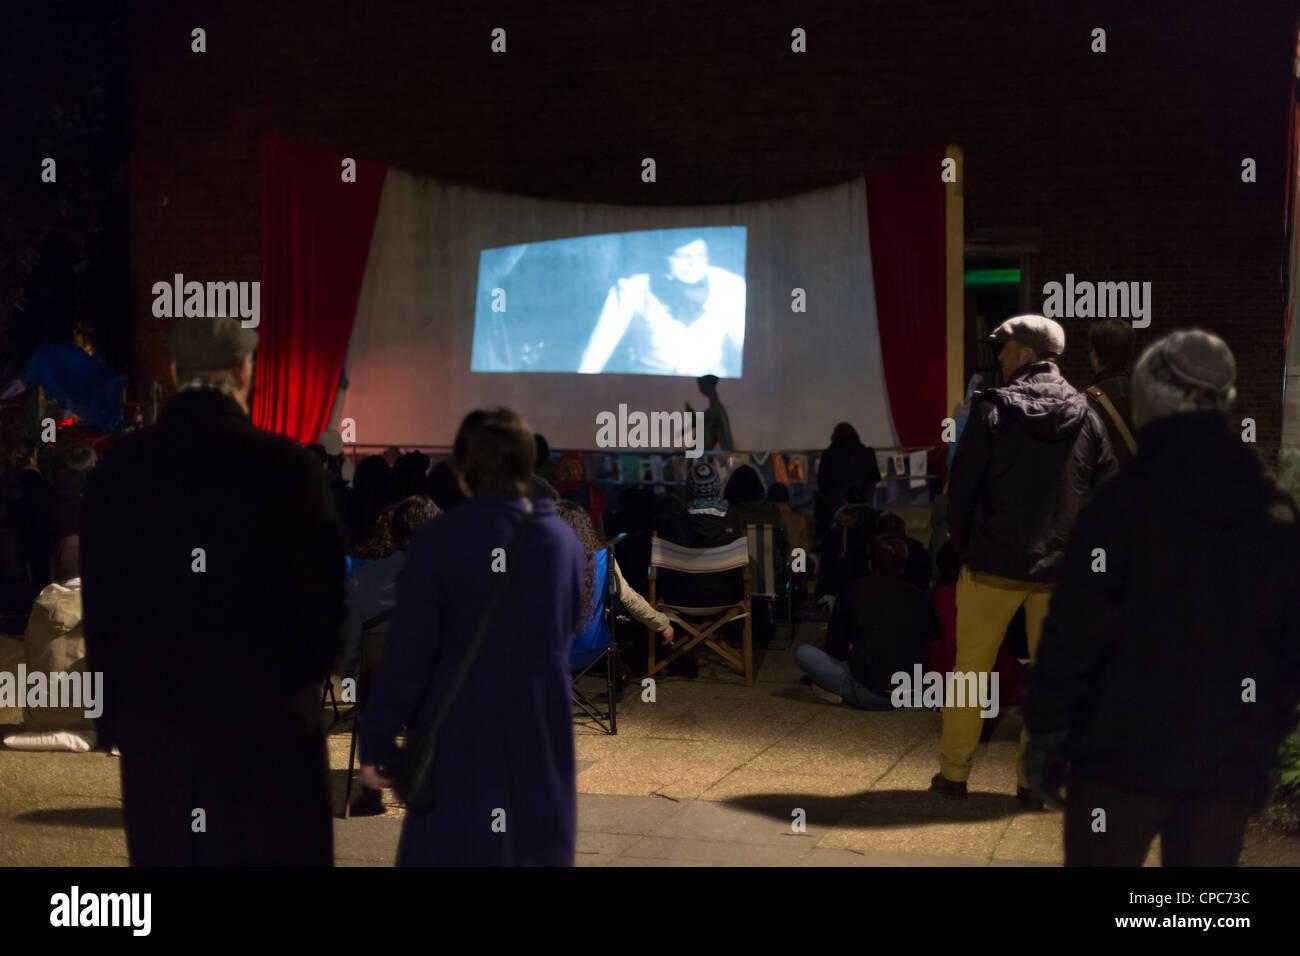 Proyecciones de cine al aire libre durante el Crouch End Festival 2012 Londres, Gran Bretaña. Imagen De Stock